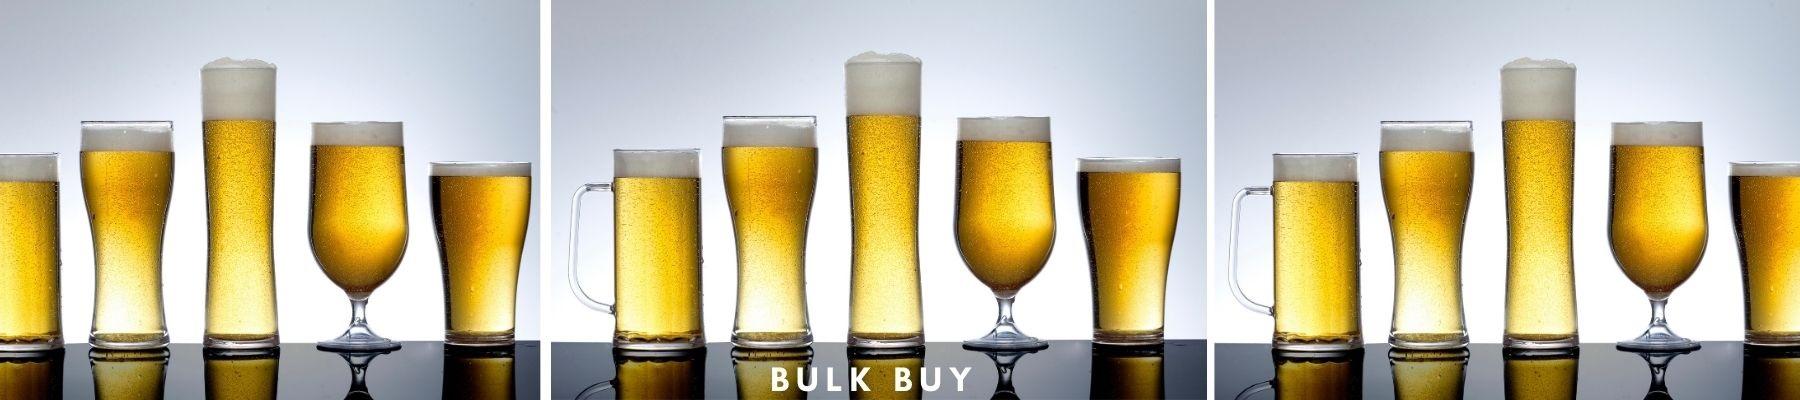 Bulk Buy Plastic Beer Glasses Offers